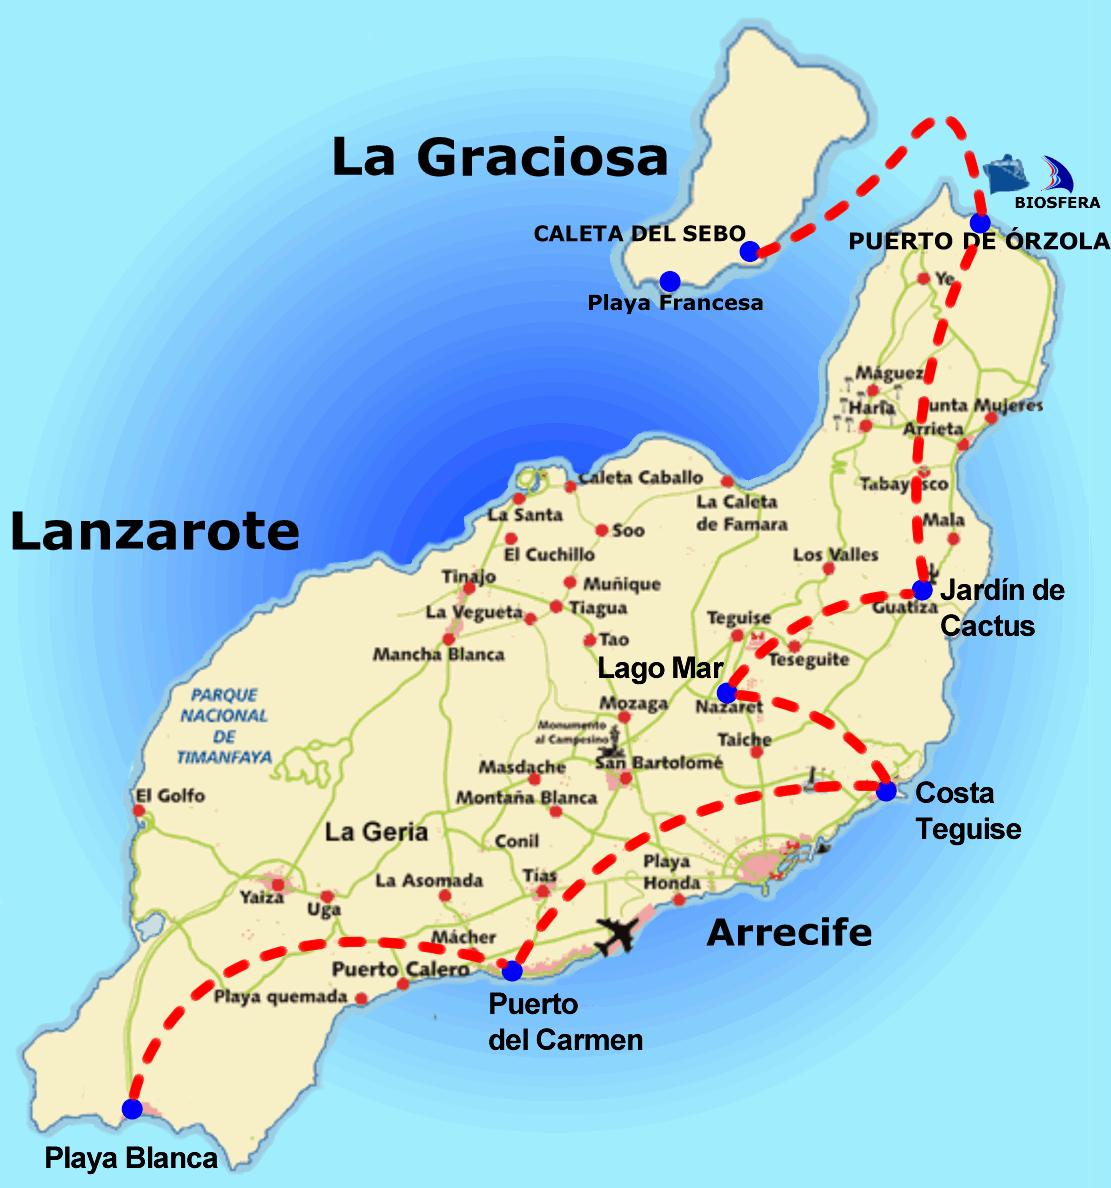 Spanien Lanzarote Karta.Map That Shows Lanzarote And La Graciosa Island Canary Islands